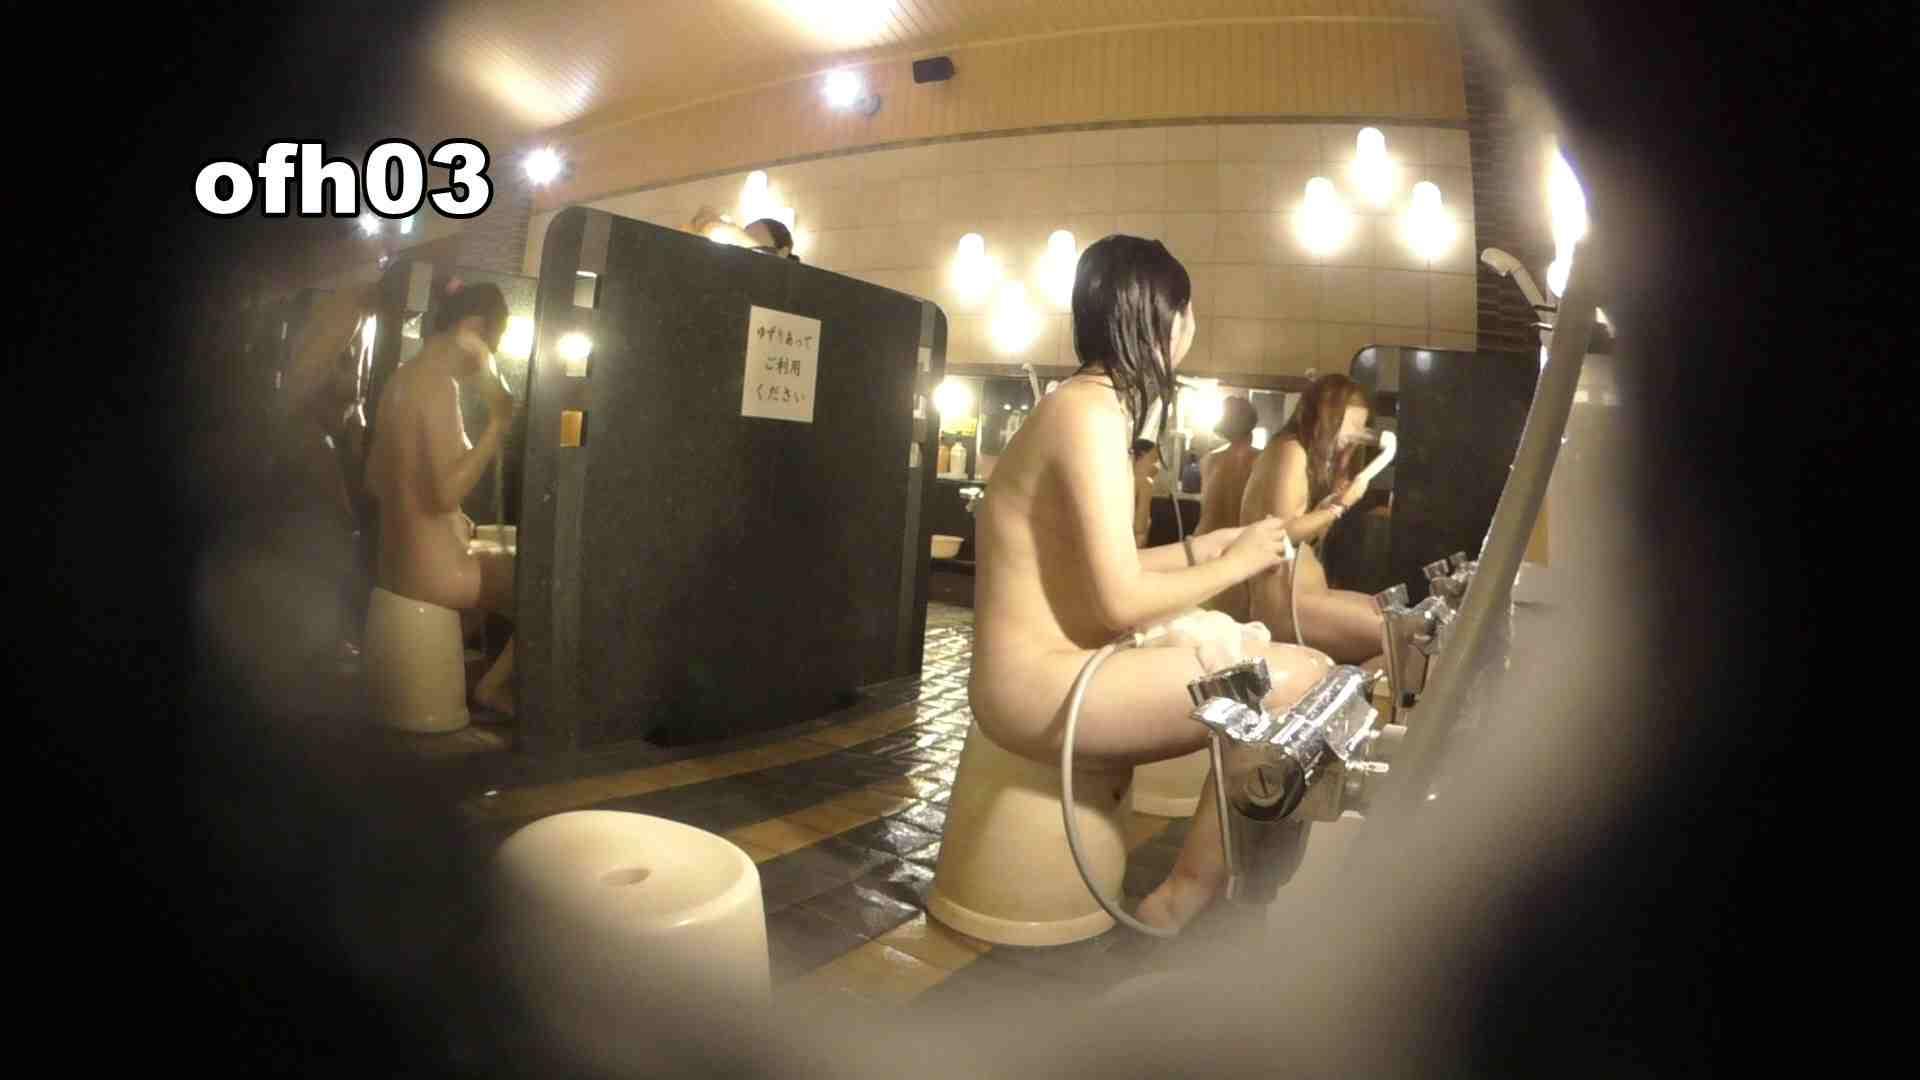 お風呂HEROの助手 vol.03 OL | 0  26連発 9